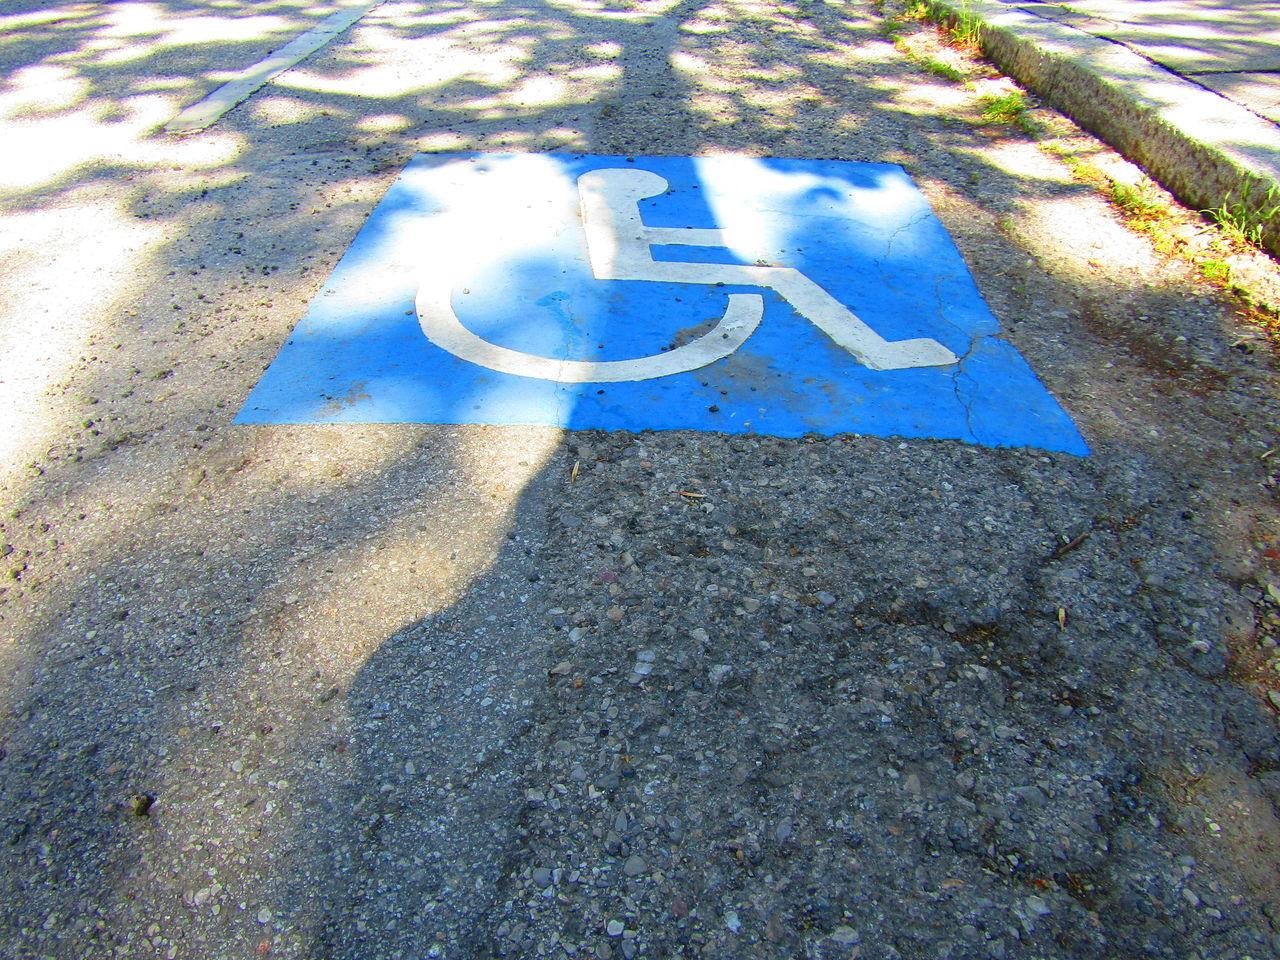 Tarmac Asphalt Summer Sign Street Straße Rollstuhl Wheelchair Wheelchair Access Liesing Vienna Wien Österreich Austria